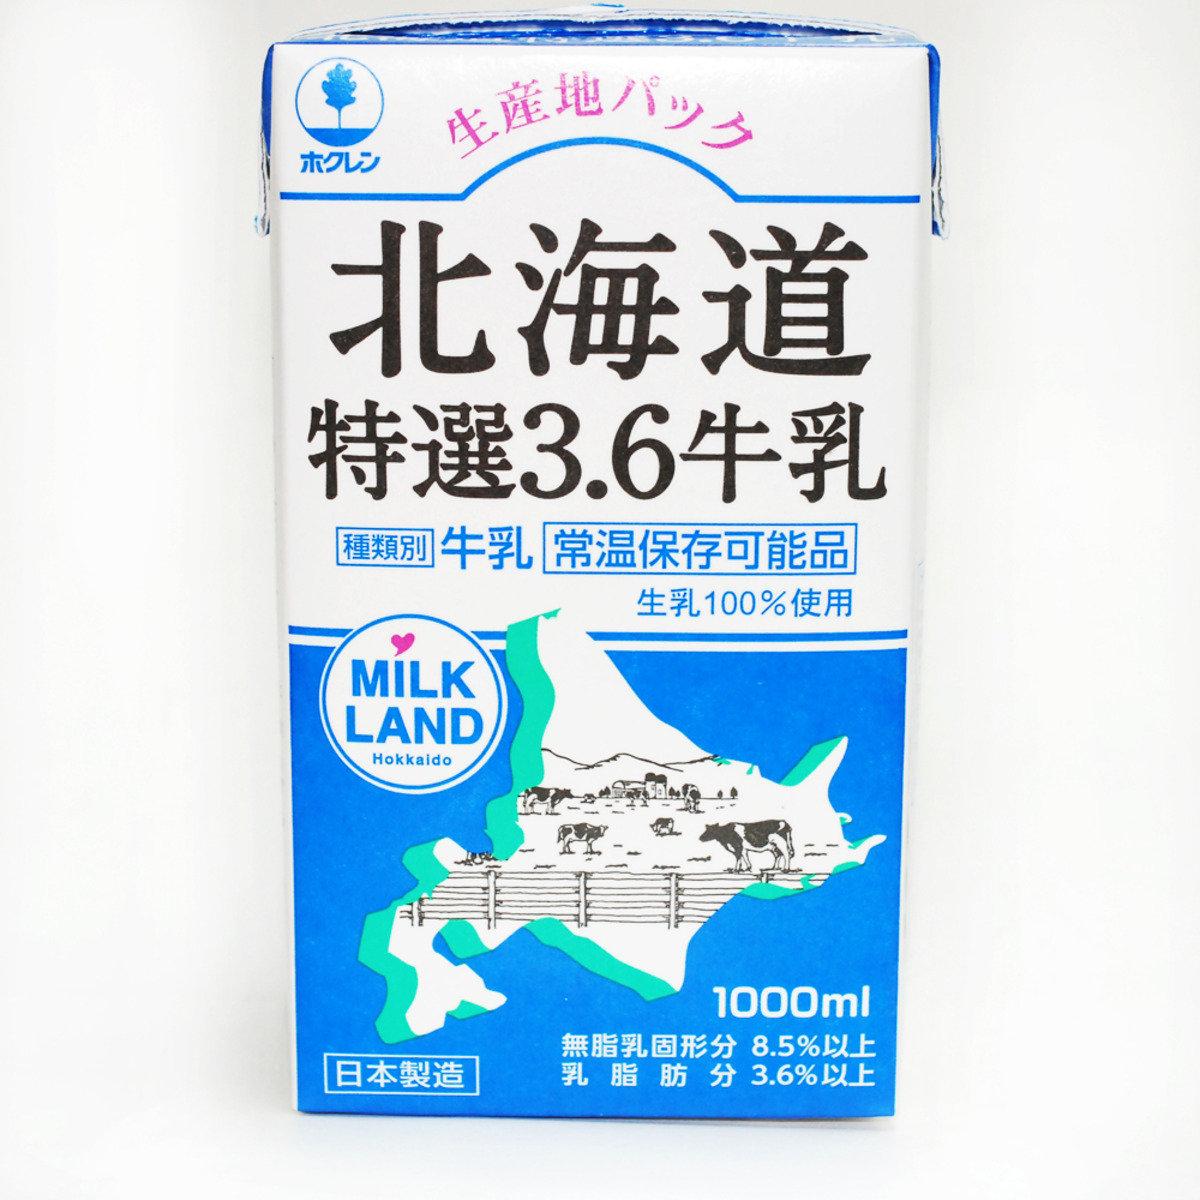 北海道特選3.6牛乳 1000毫升